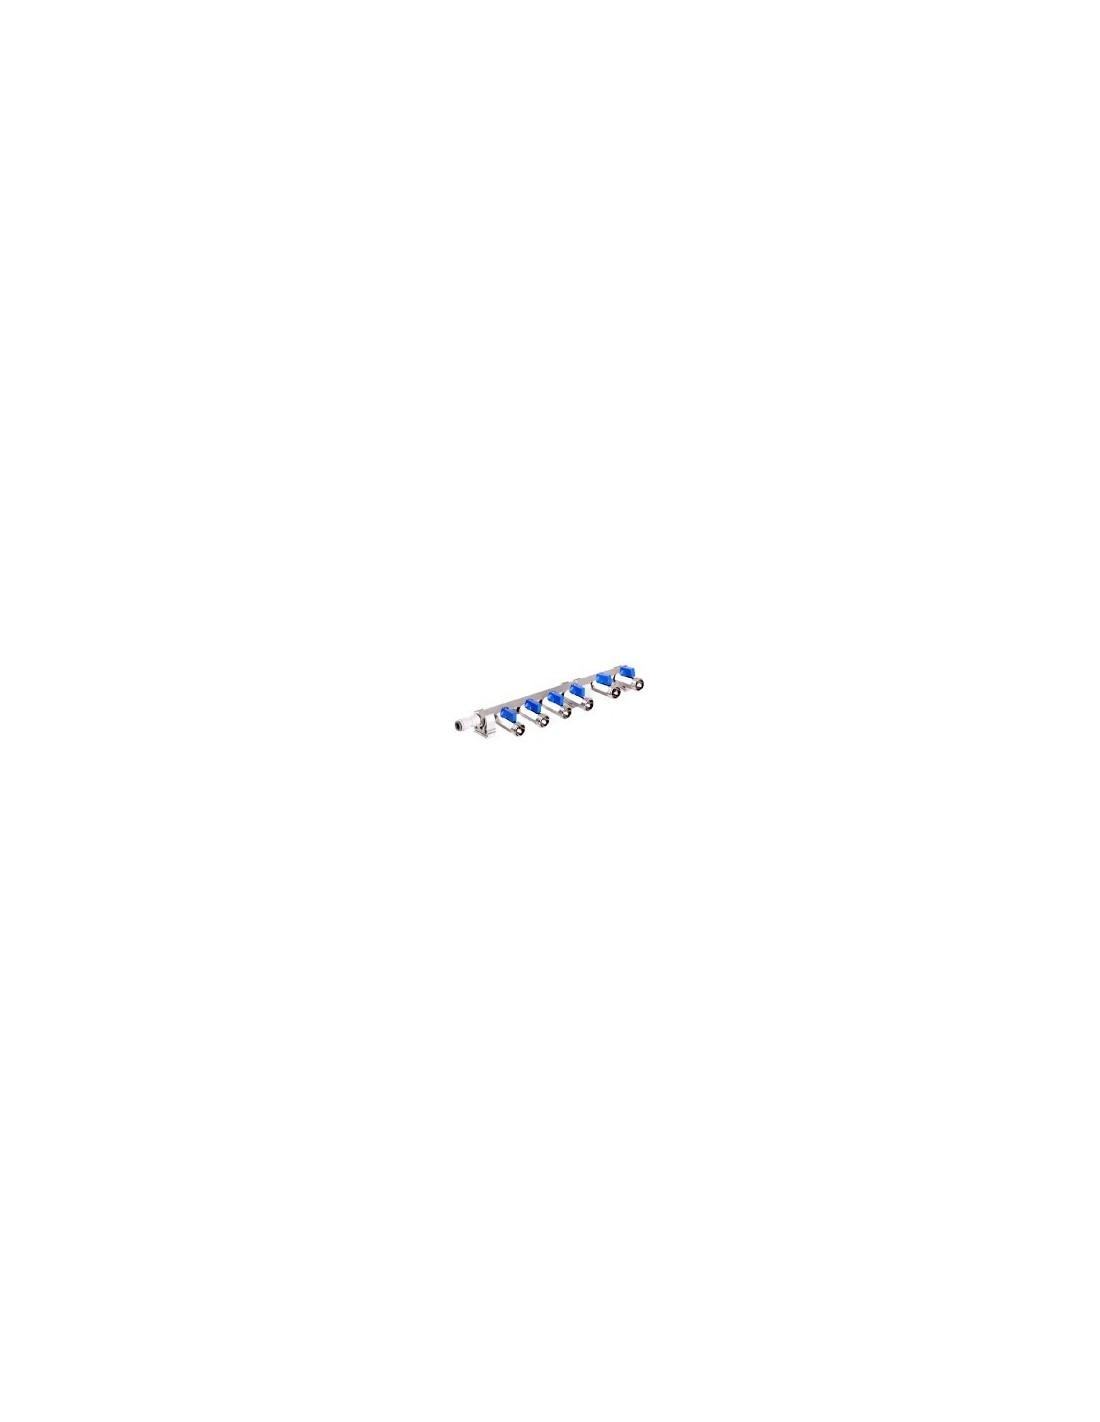 VYR02255 - Förgrening med 6 anslutningar och avstängningskranar